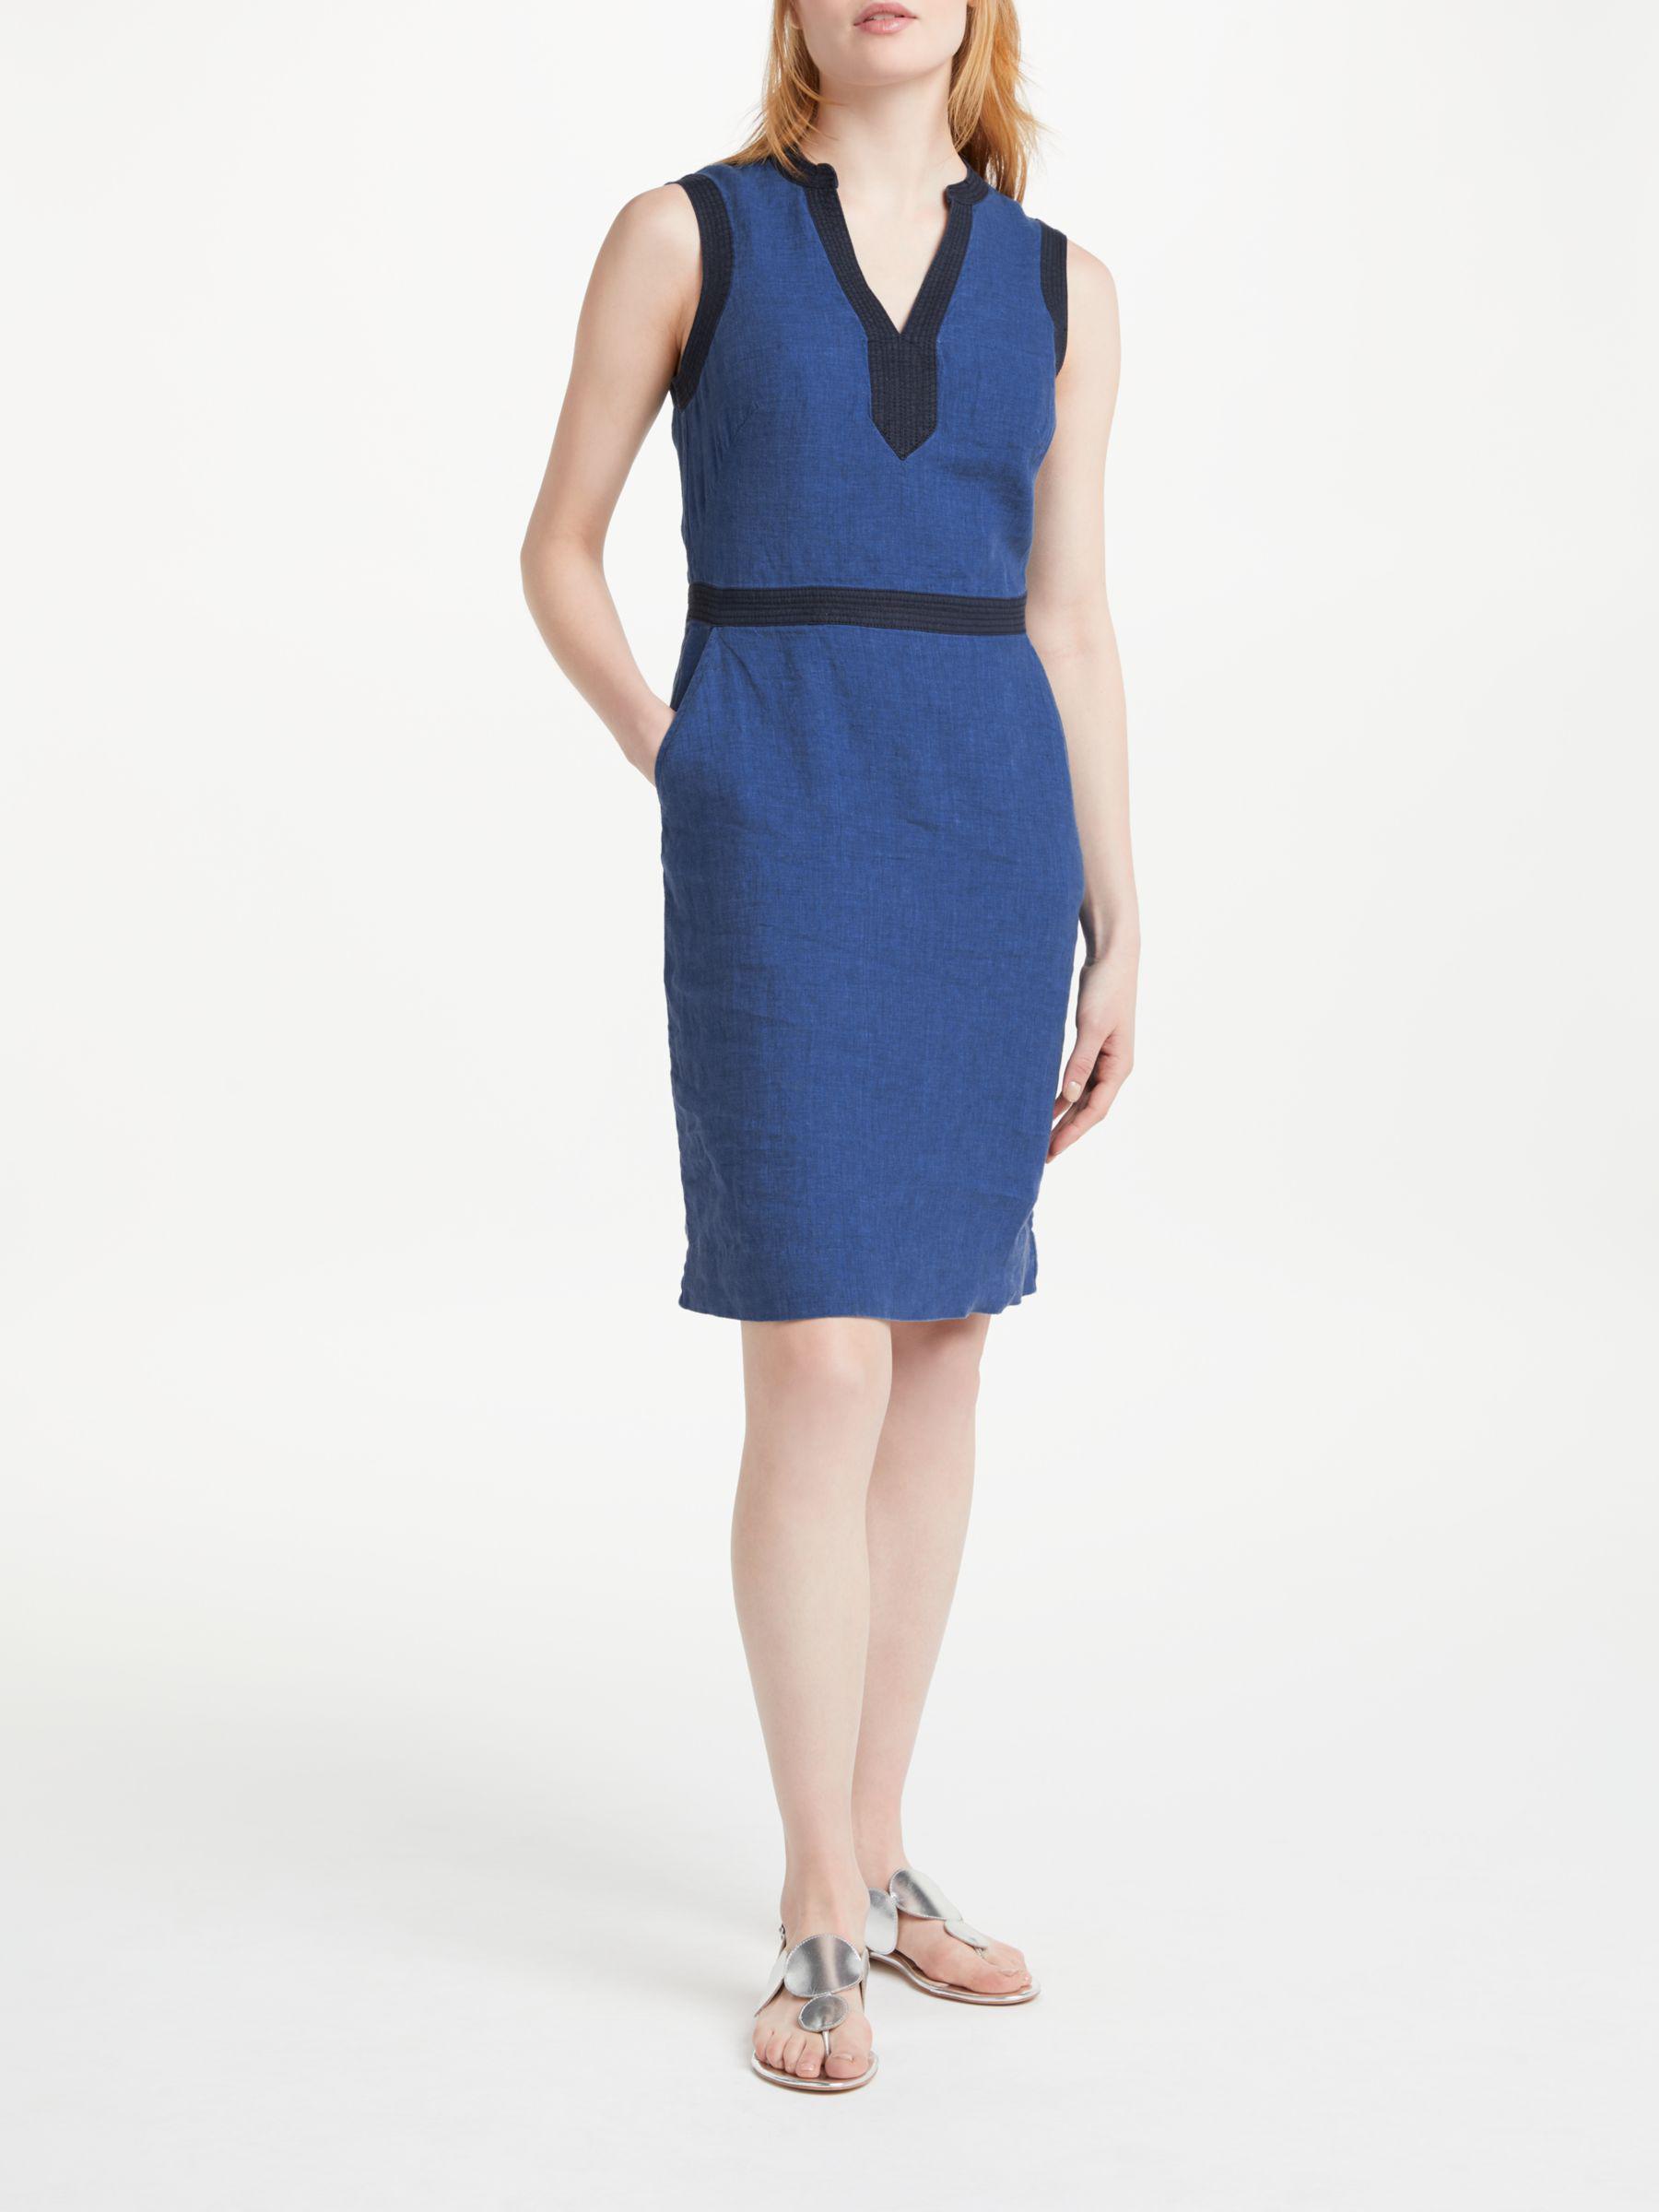 23858025e5 Boden Linen Notch Neck Dress in Blue - Lyst